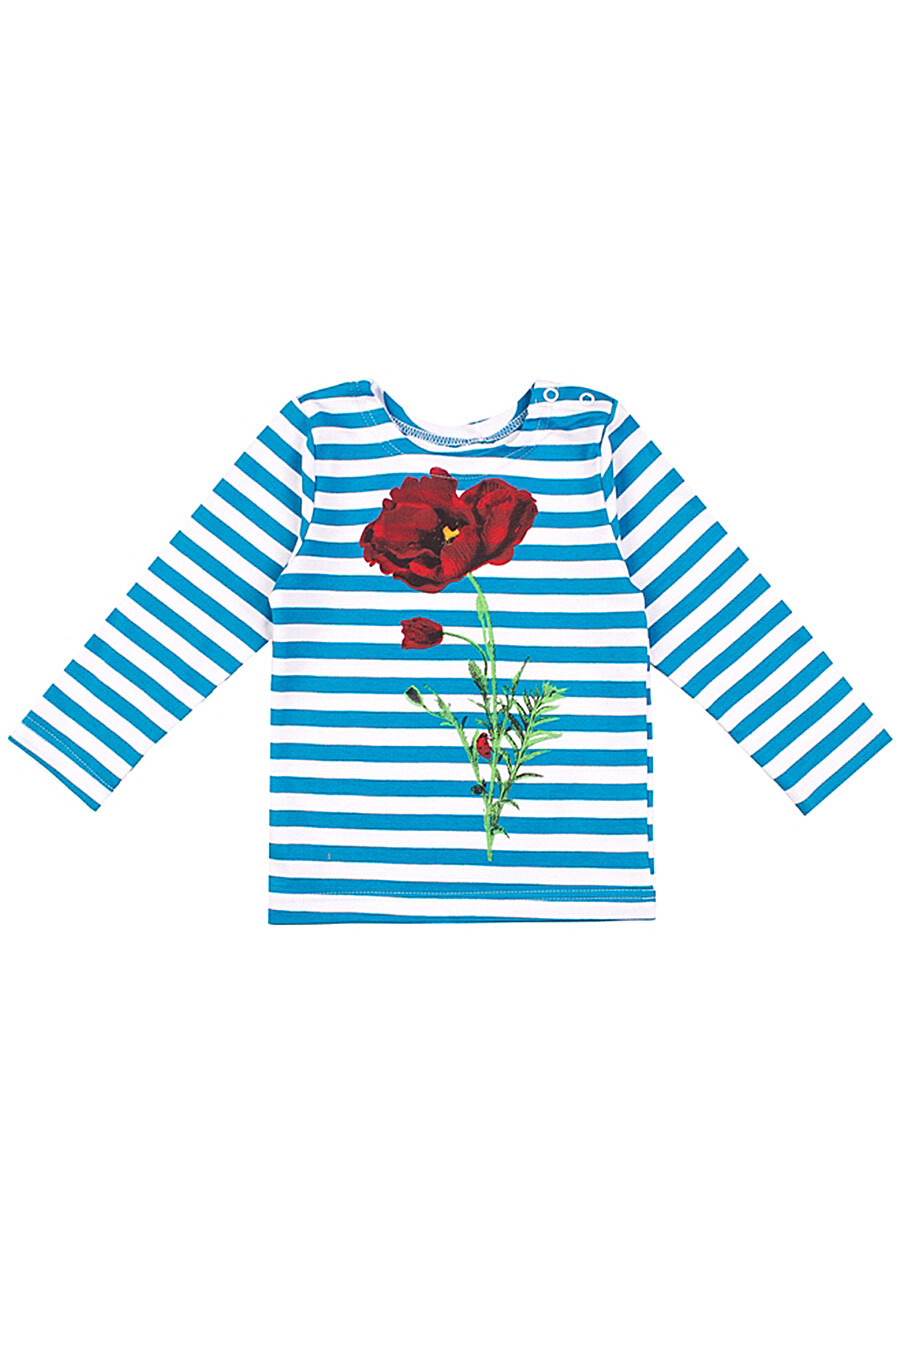 Джемпер для девочек АПРЕЛЬ 699946 купить оптом от производителя. Совместная покупка детской одежды в OptMoyo